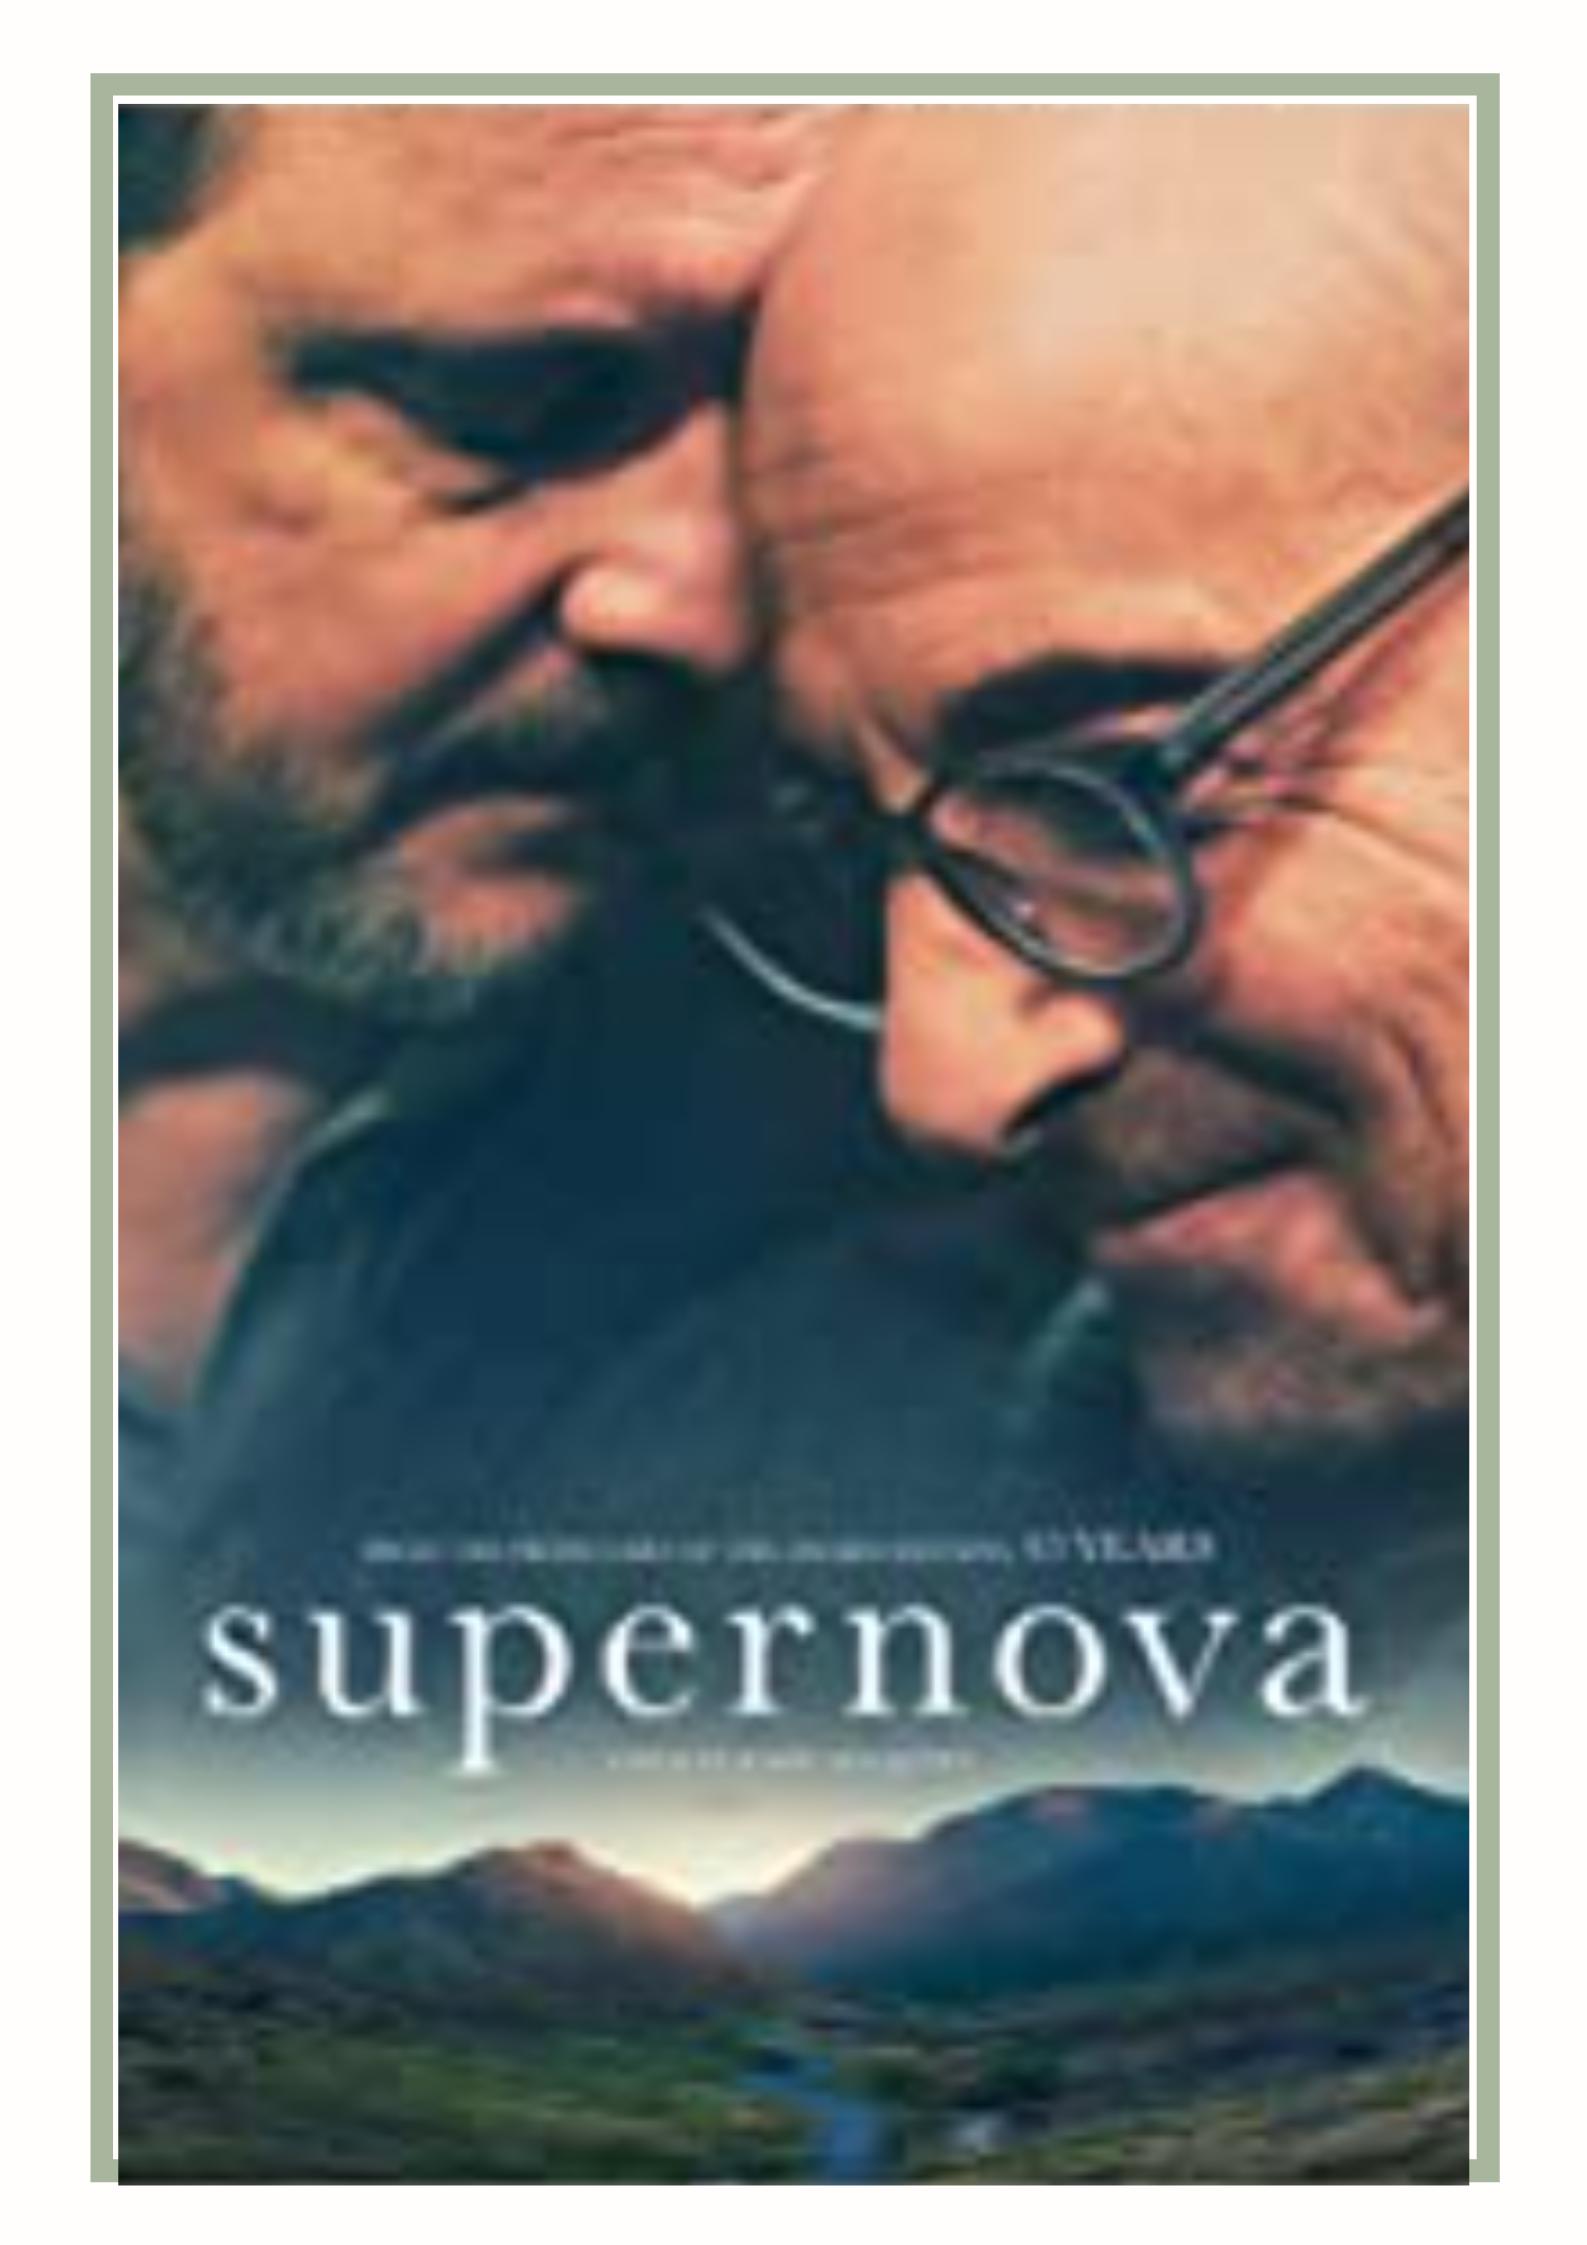 Supernova_review